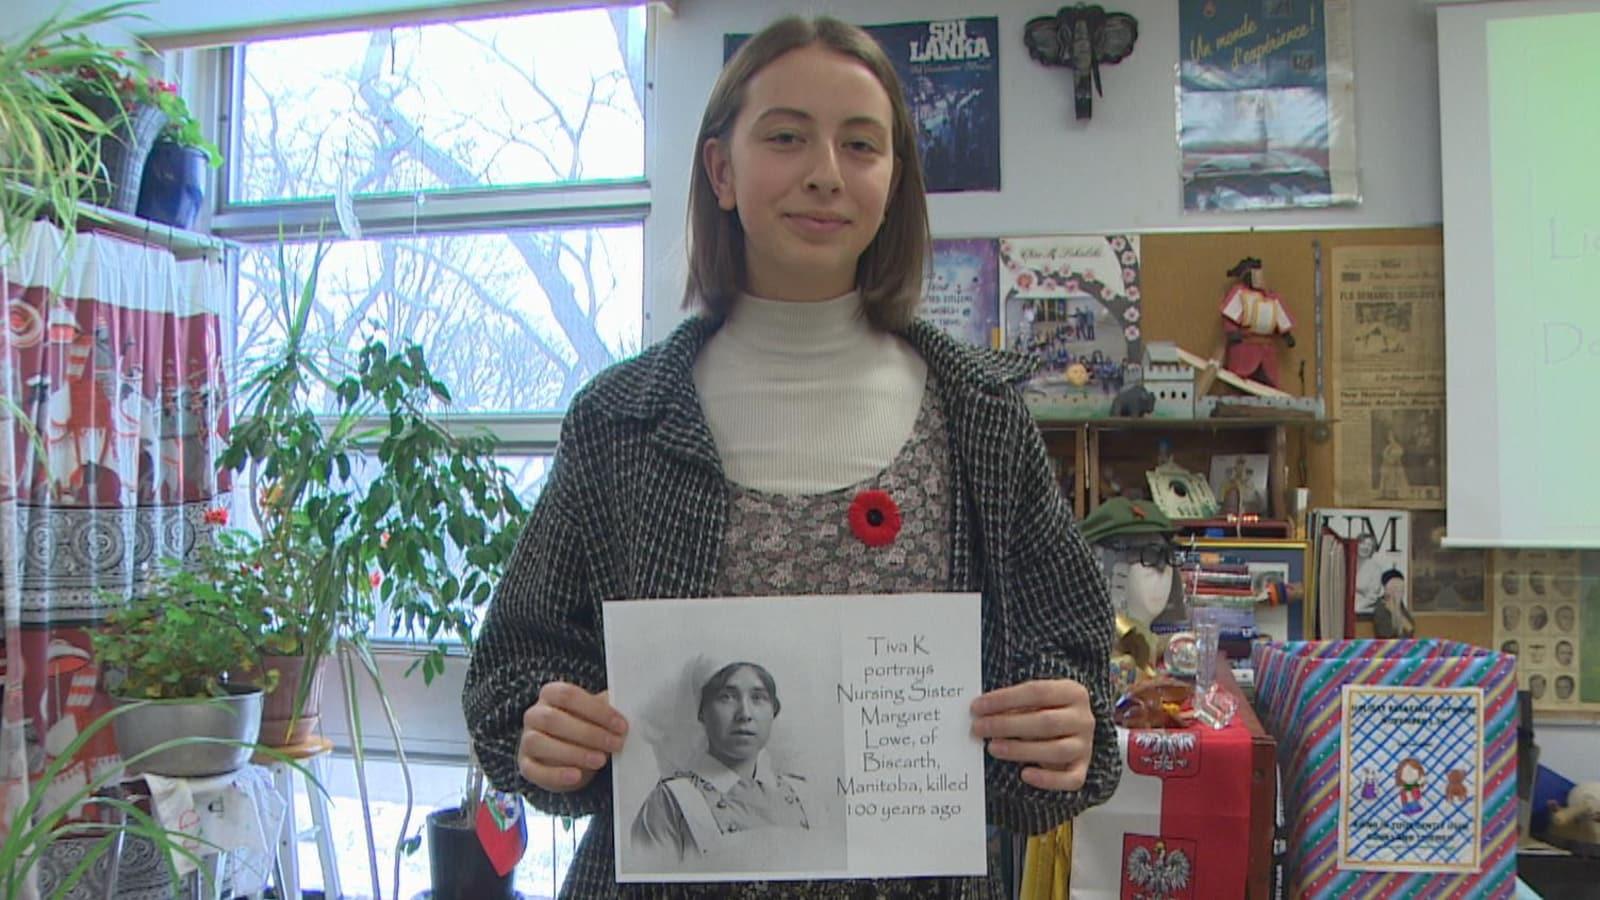 Dans une classe, une adolescente aux cheveux bruns mi-longs tient une feuille sur laquelle figure le dessin d'une infirmière de l'époque, annoté du texte suivant : Tiva K portrays Nursing Sister Margaret Lowe, of Biscarth, Manitoba, killed 100 years ago.